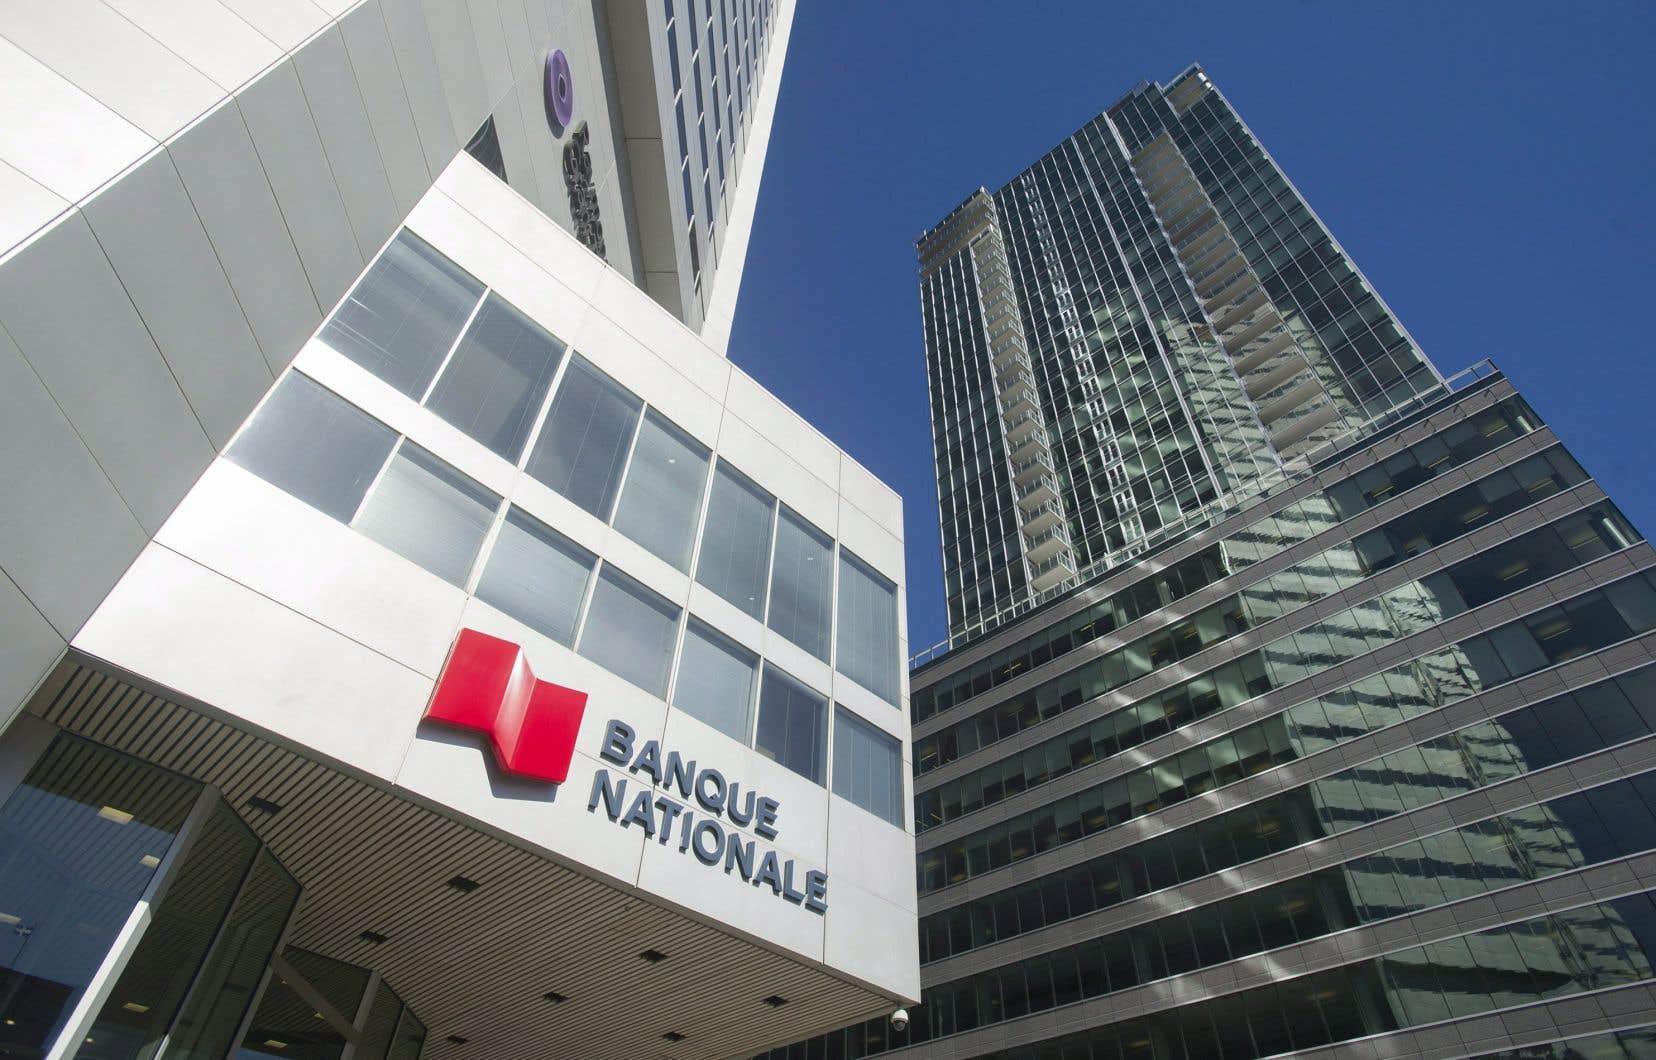 Le prêteur montréalais a réalisé un bénéfice net de 552millions pour le trimestre clos le 31janvier, en hausse de 2millions par rapport à celui de la même période l'année précédente.